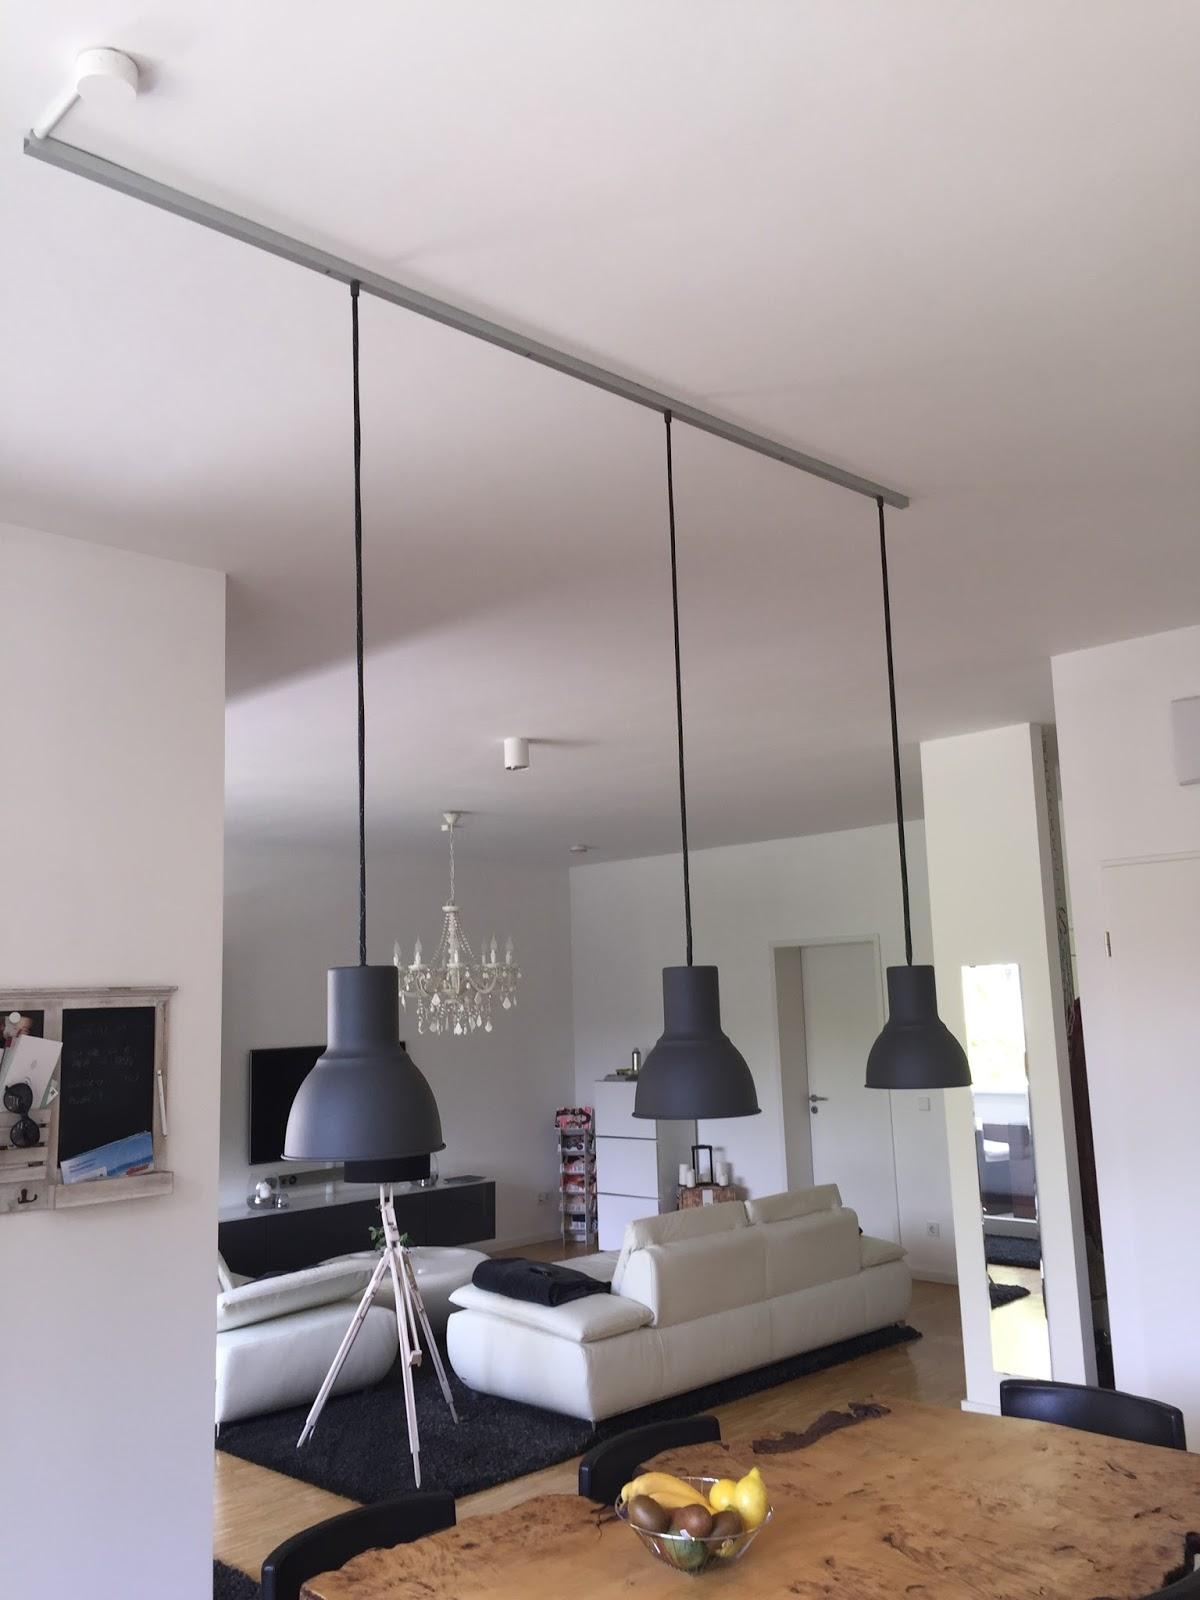 Ikea Lampen Stehlampe لم يسبق له مثيل الصور Tier3 Xyz